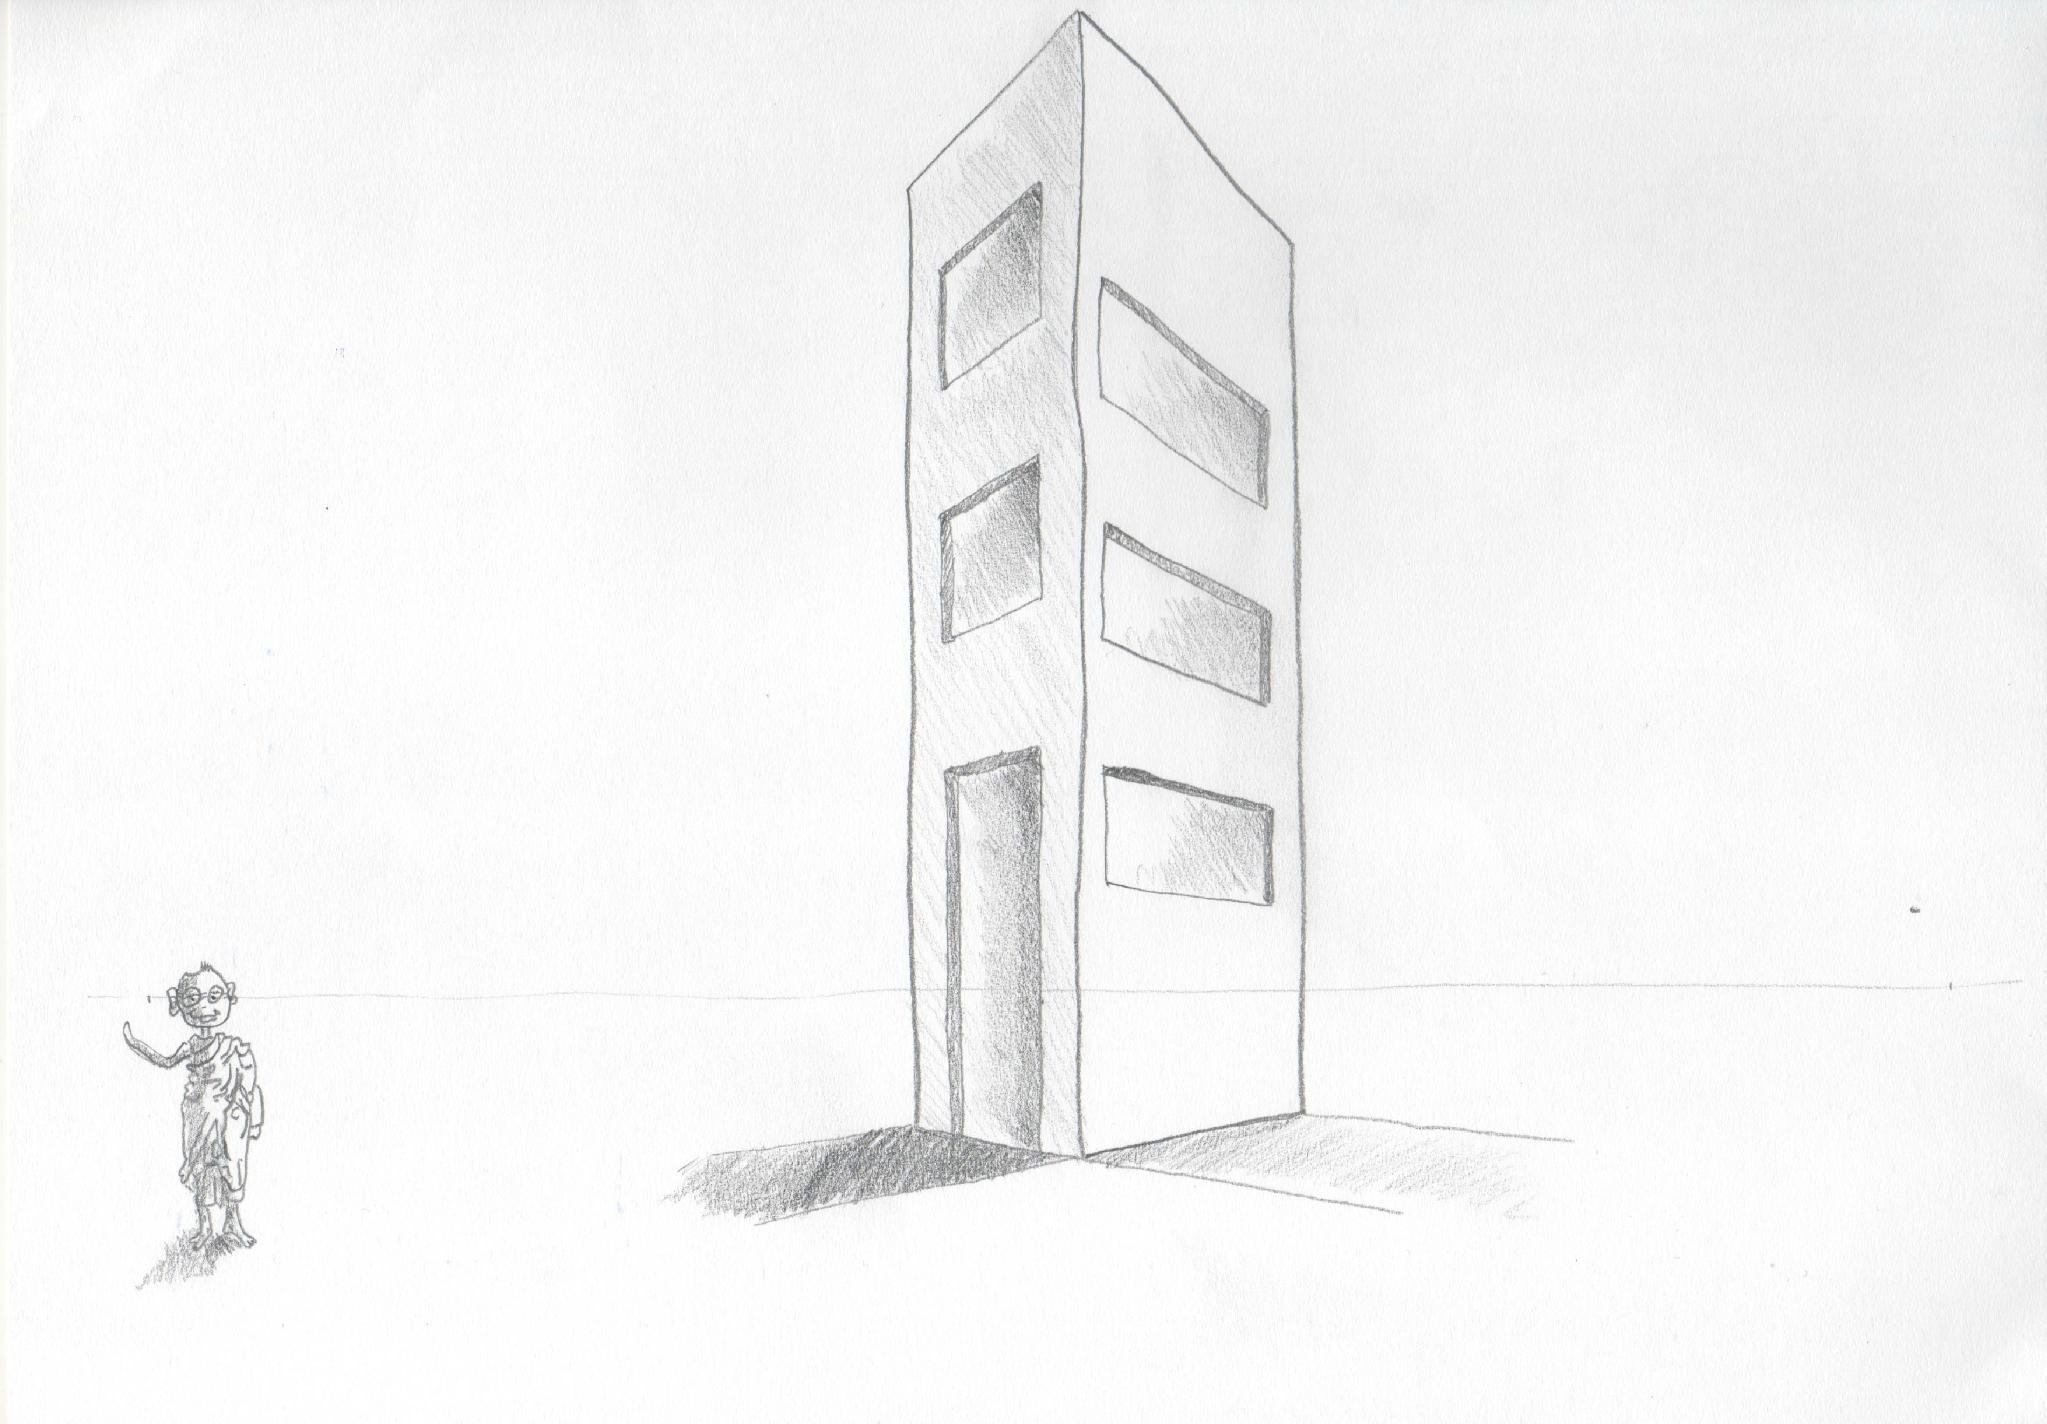 Modele Batiment En Perspective : Devoir n° quot initiation au dessin de perspective